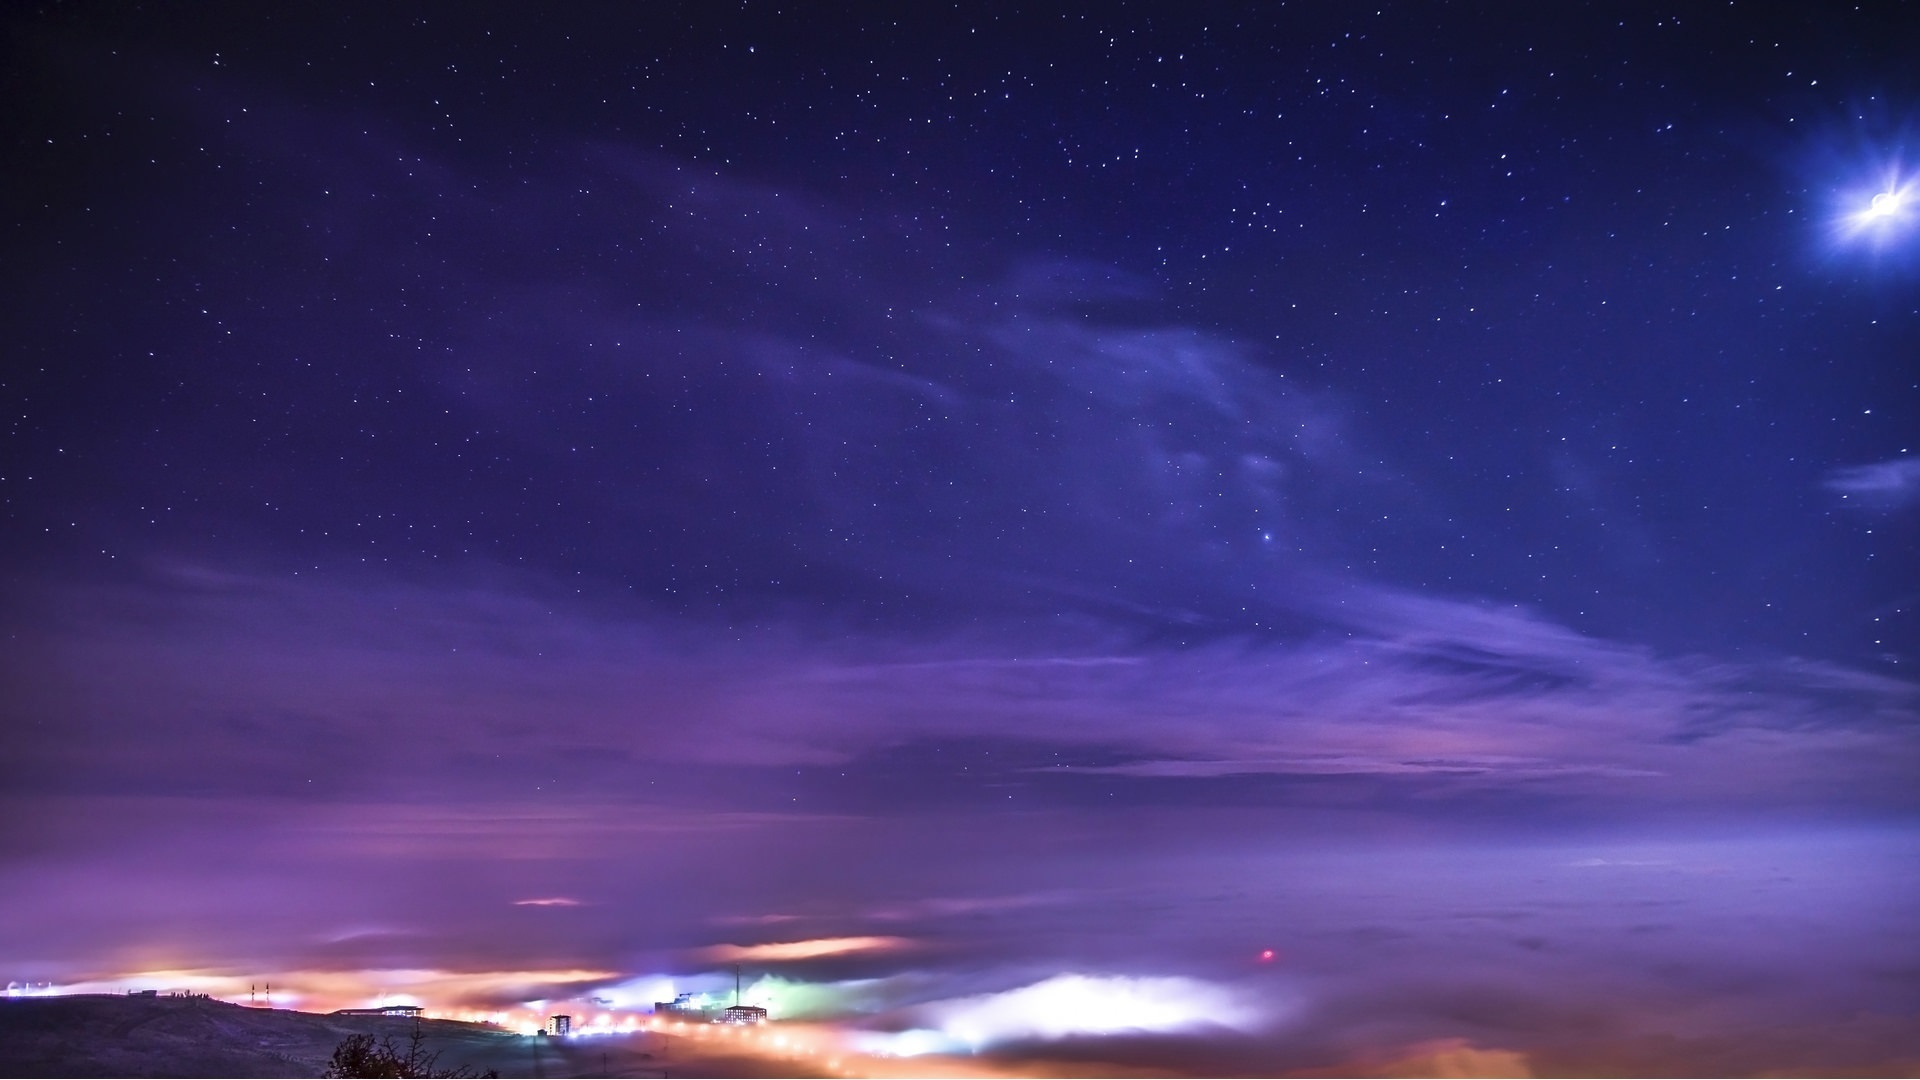 壁紙 星空 夜 星 自然 1920x1080 Full Hd 2k 無料のデスクトップの